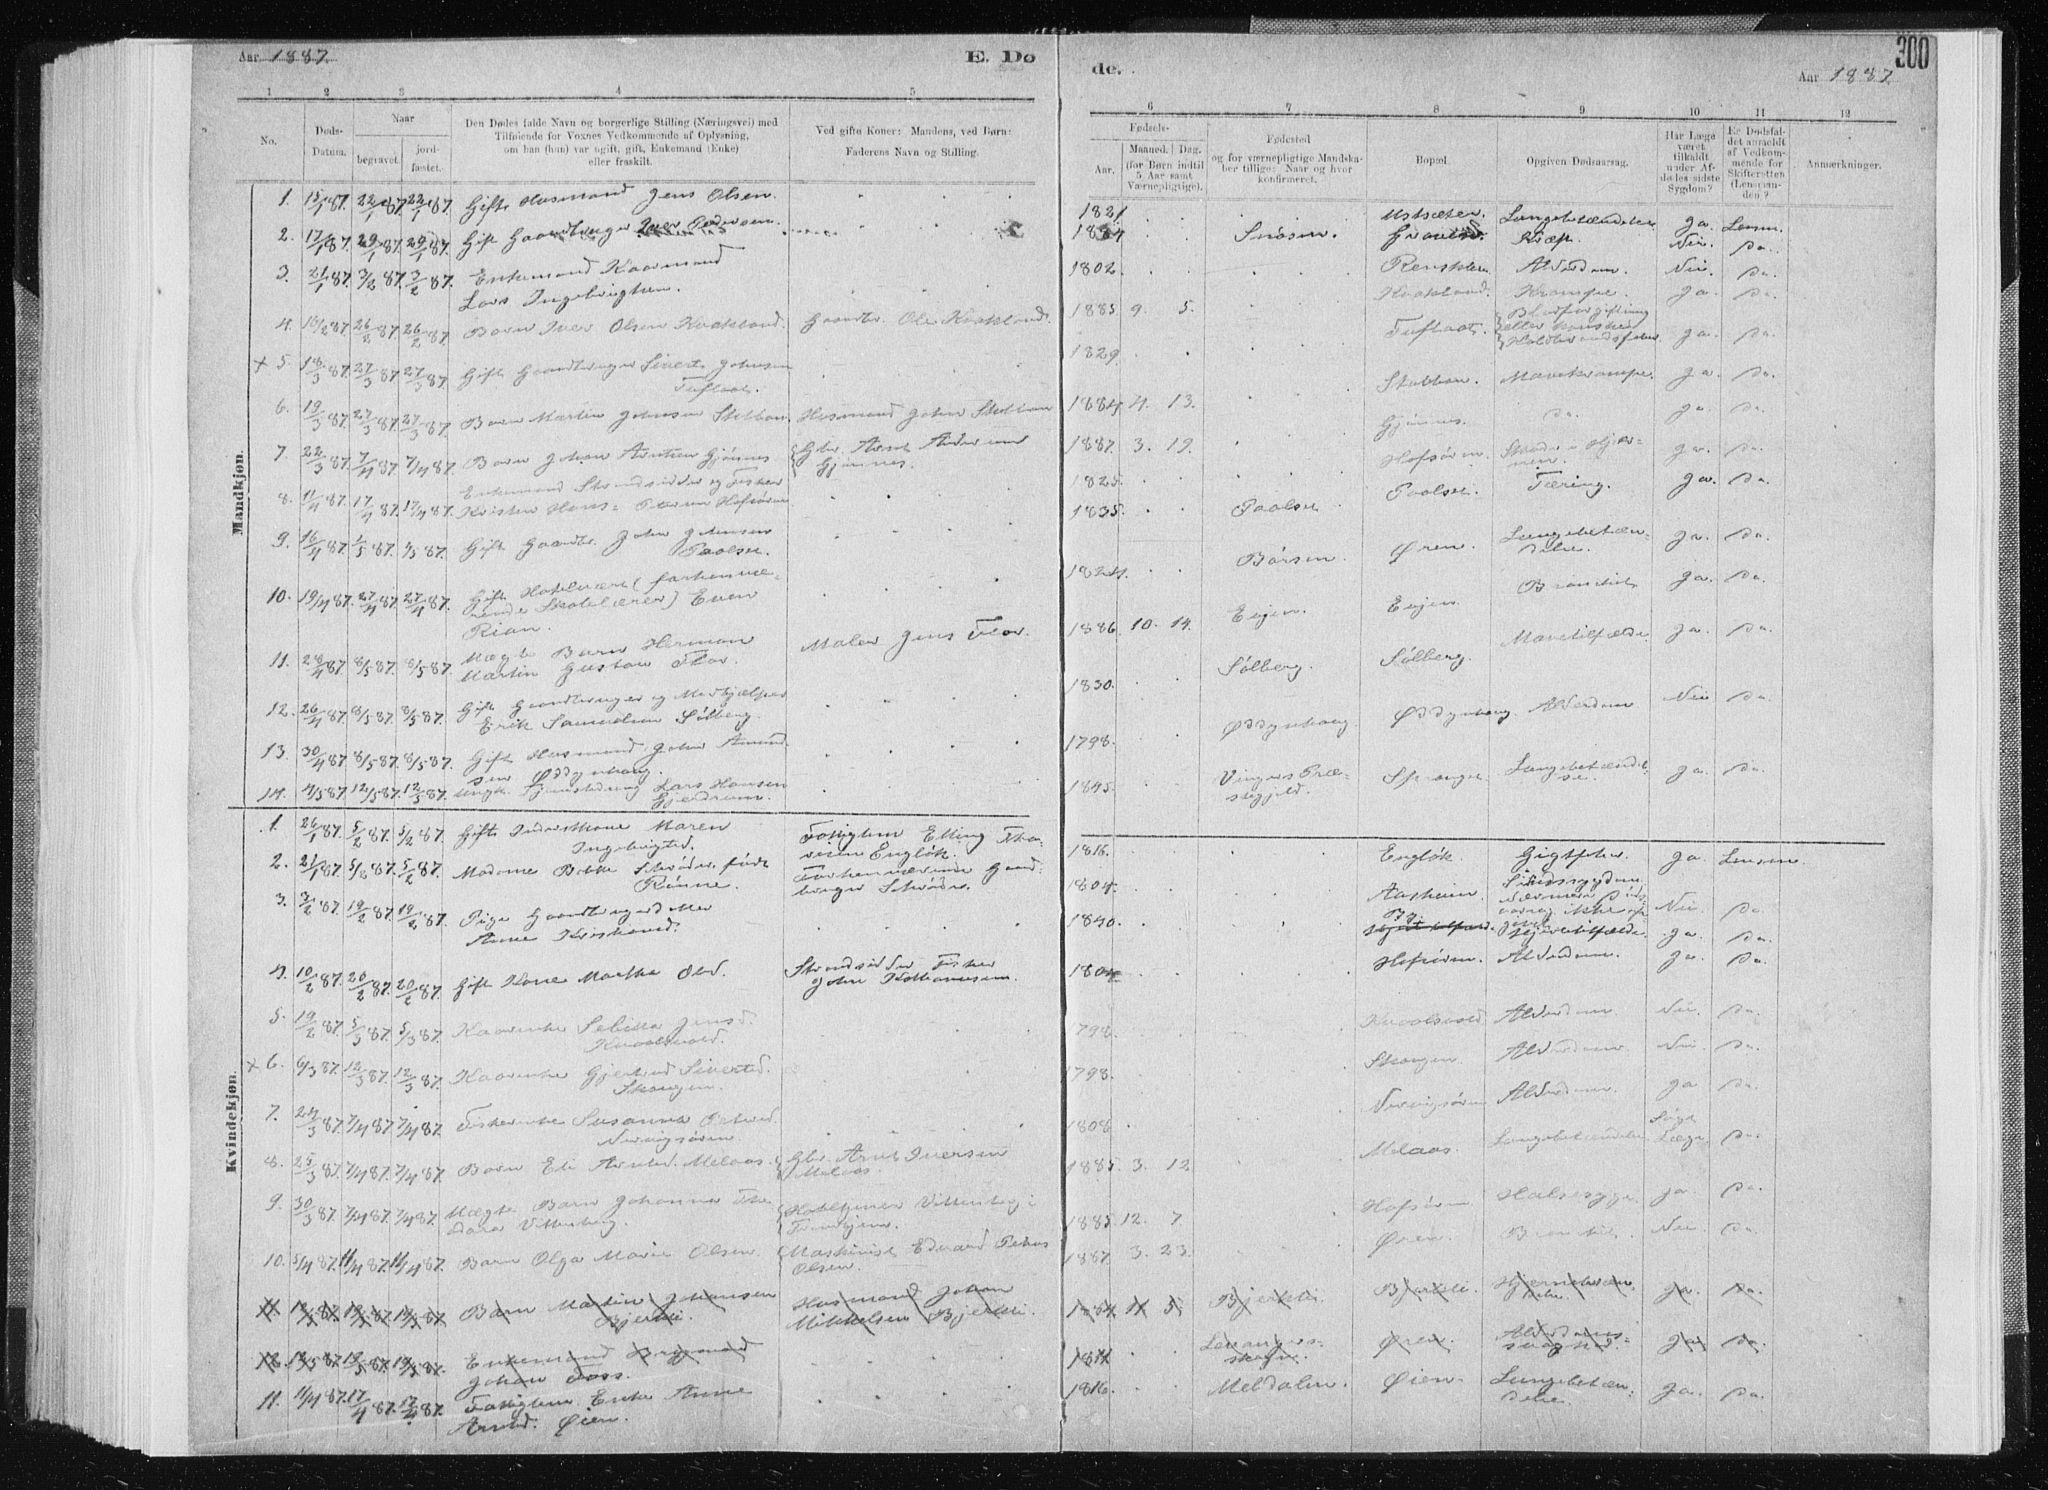 SAT, Ministerialprotokoller, klokkerbøker og fødselsregistre - Sør-Trøndelag, 668/L0818: Klokkerbok nr. 668C07, 1885-1898, s. 300